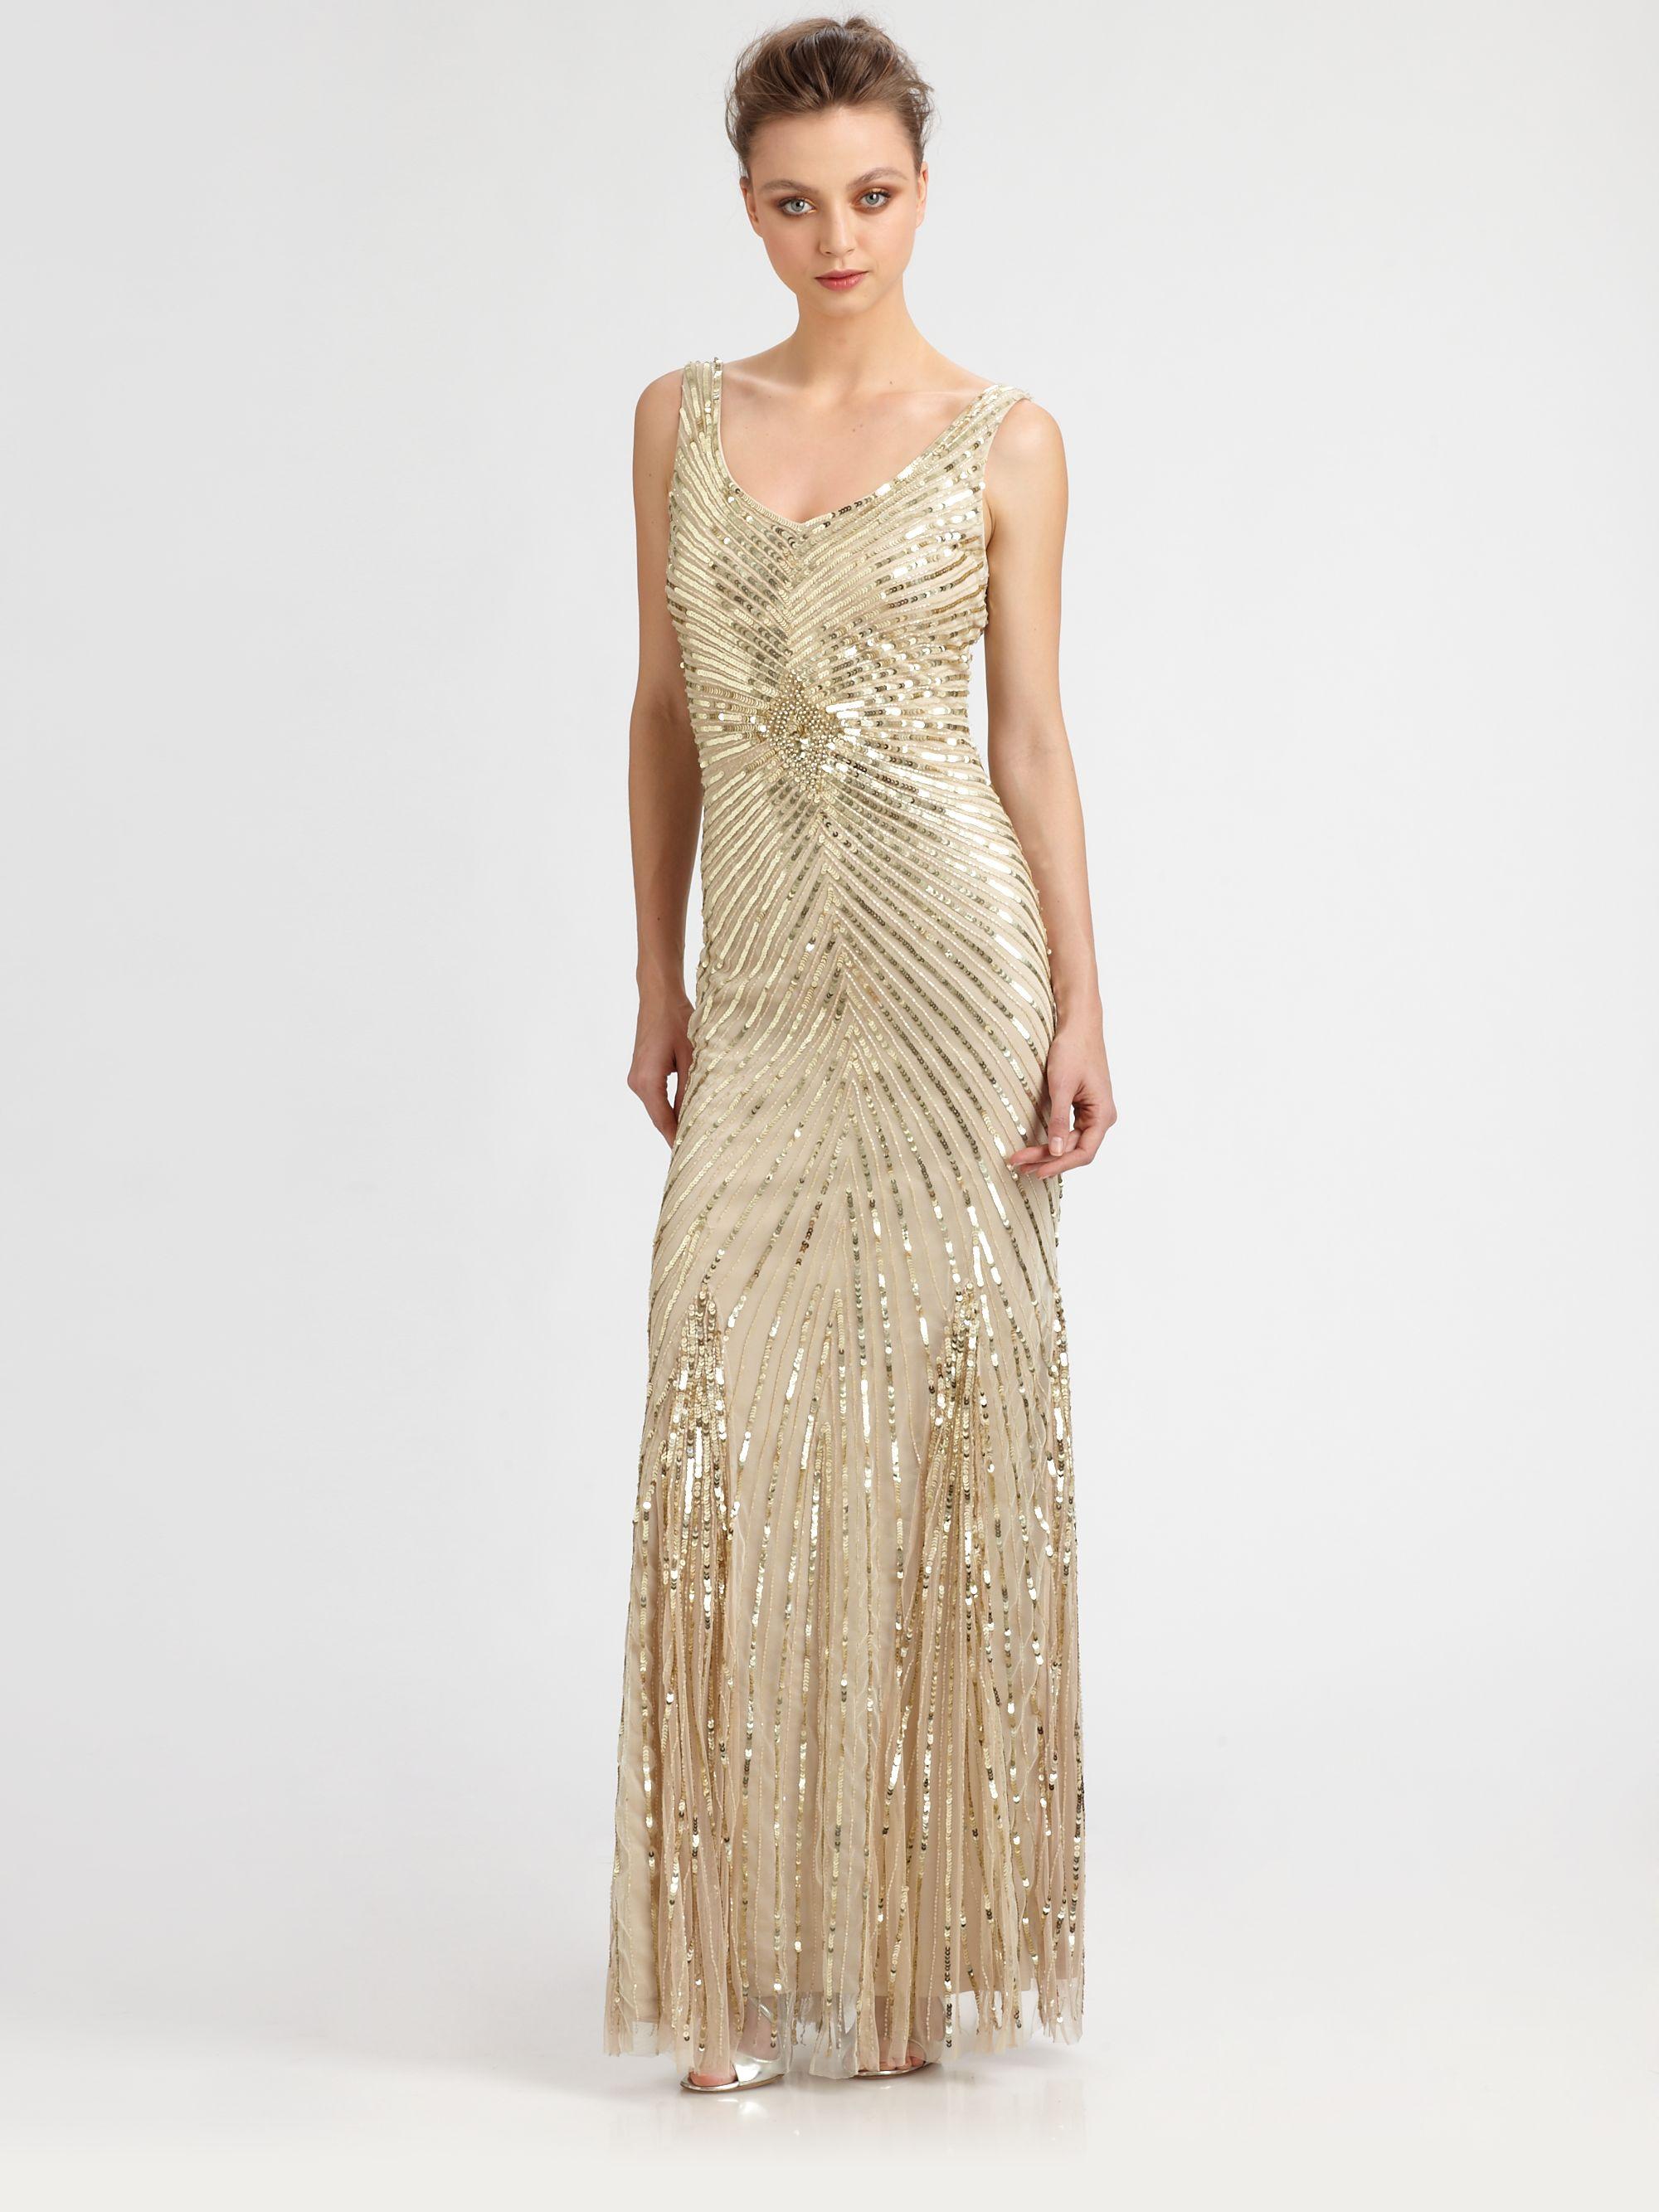 Lyst - Aidan Mattox Sequined Starburst Gown in Metallic